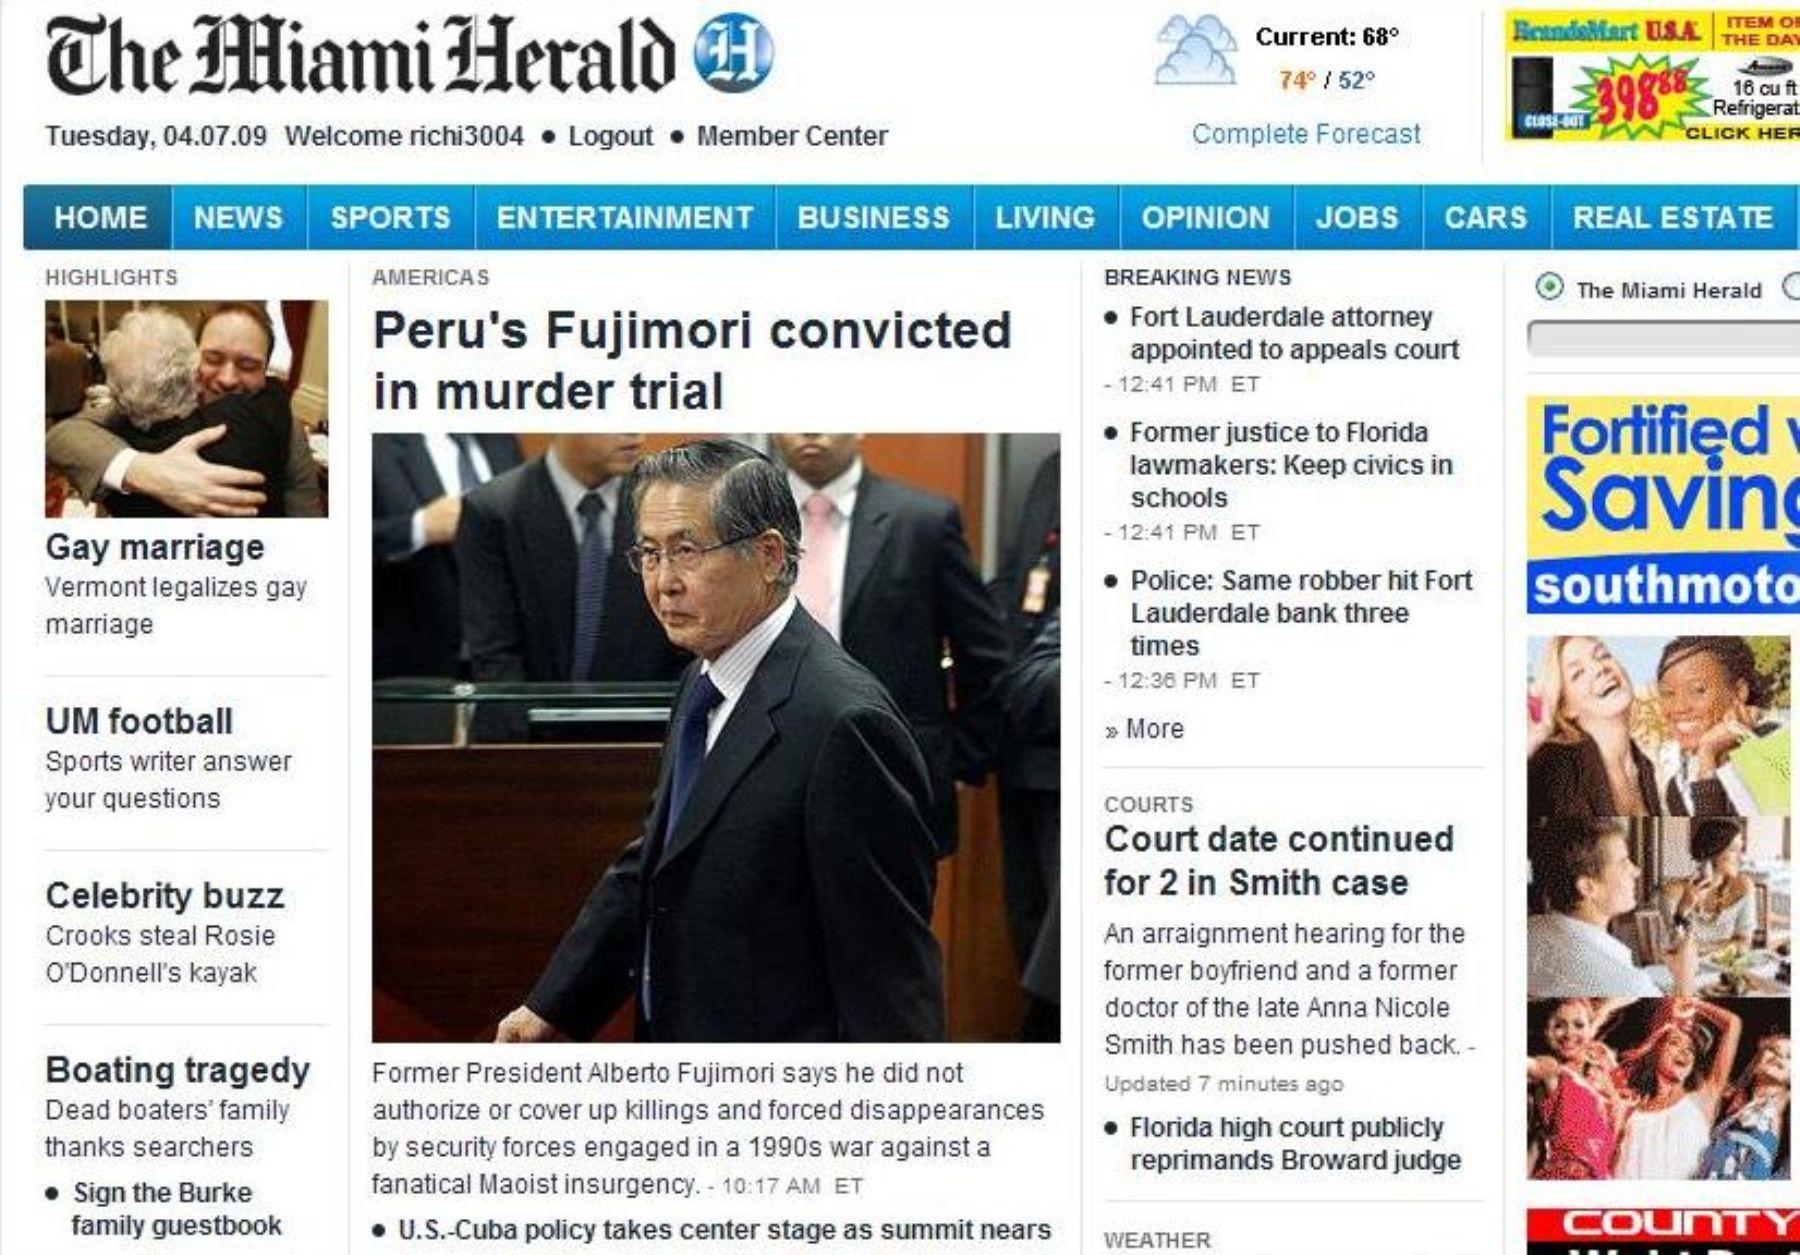 Portada del The Miami Herald, informando sobre condena a Fujimori.